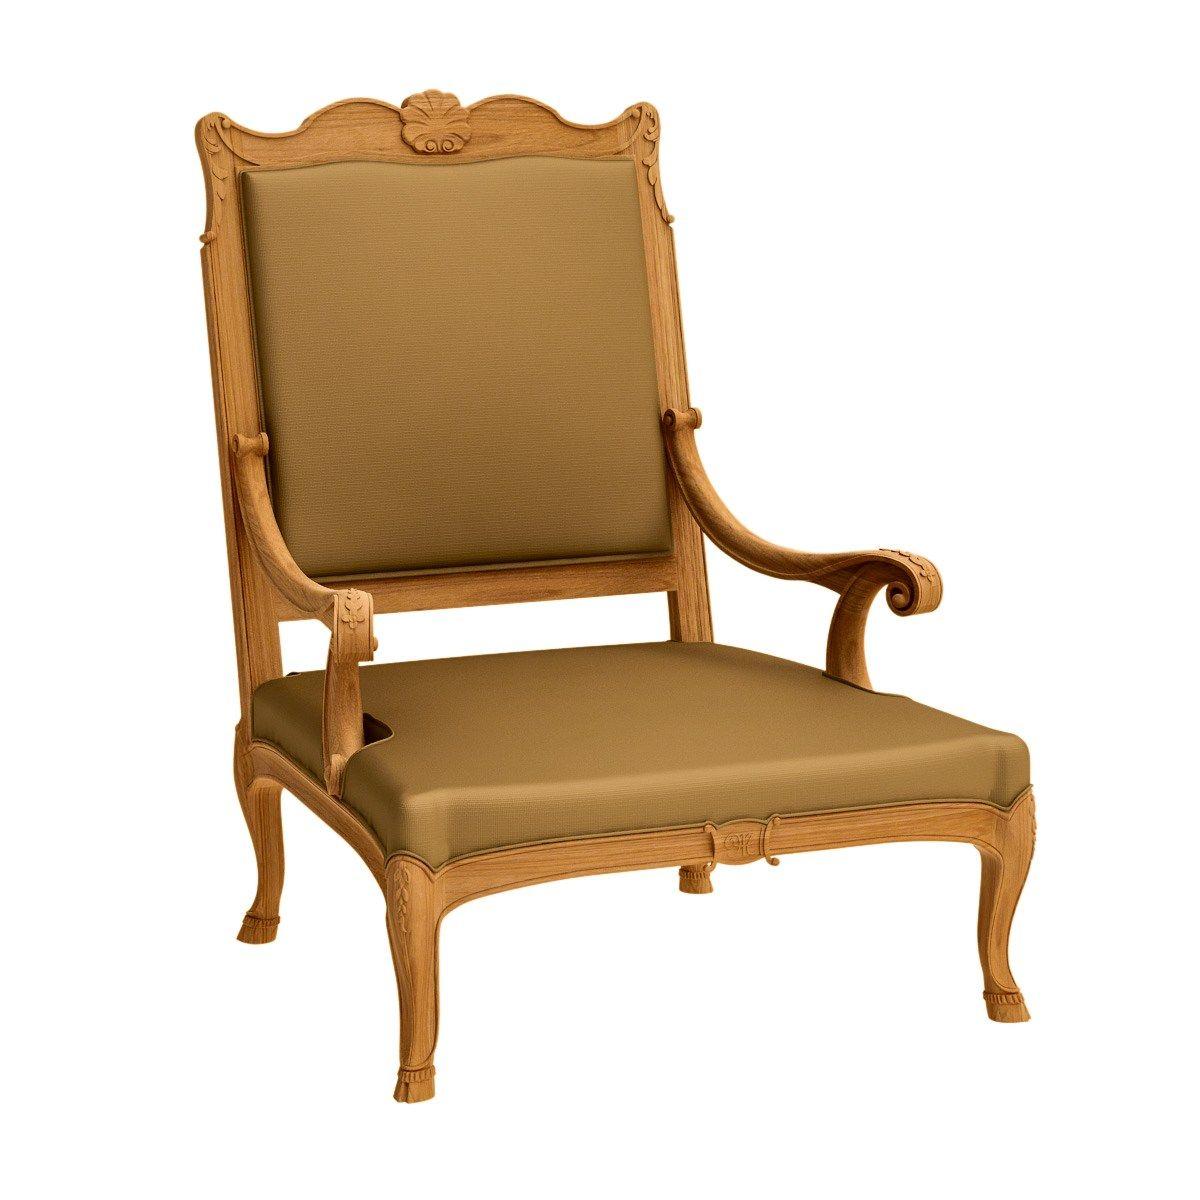 Fleur de lys fauteuil berg re by astello design dominique - Fauteuil bergere design ...